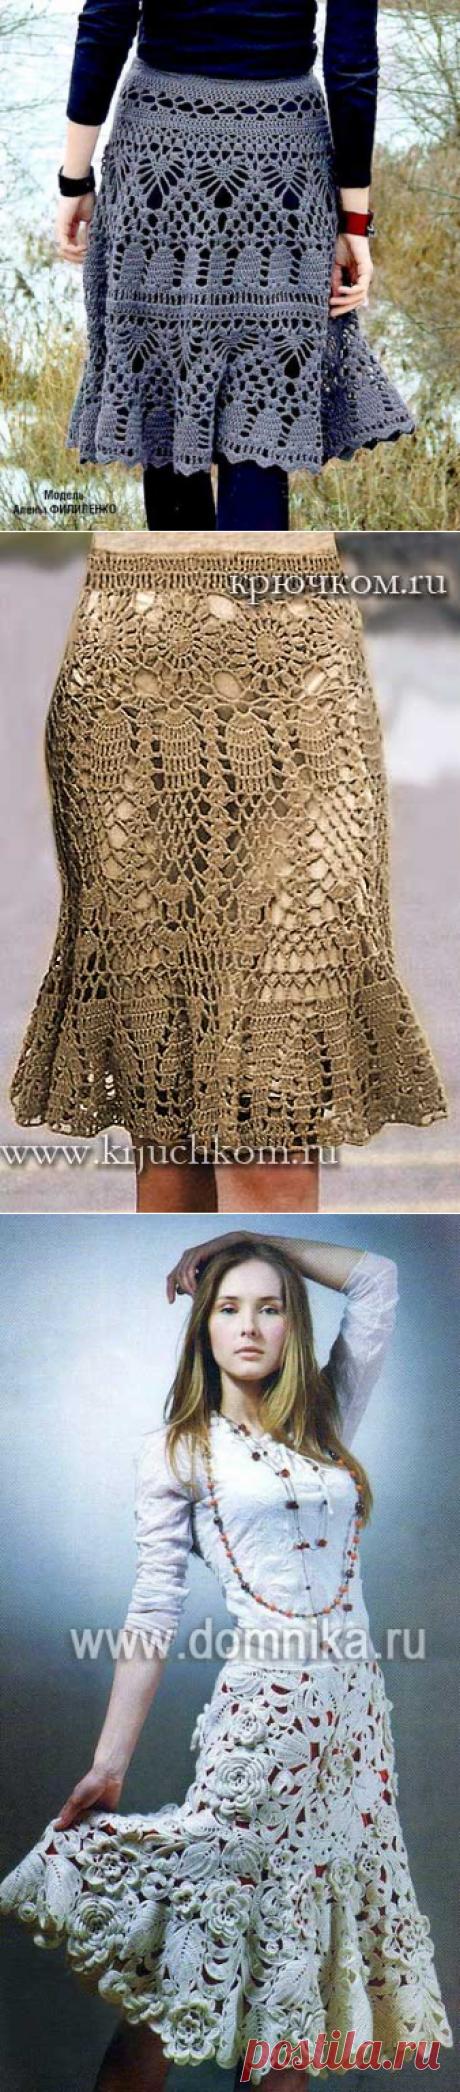 Ажурные вязаные юбки крючком - 3 модели юбок со схемами вязания бесплатно